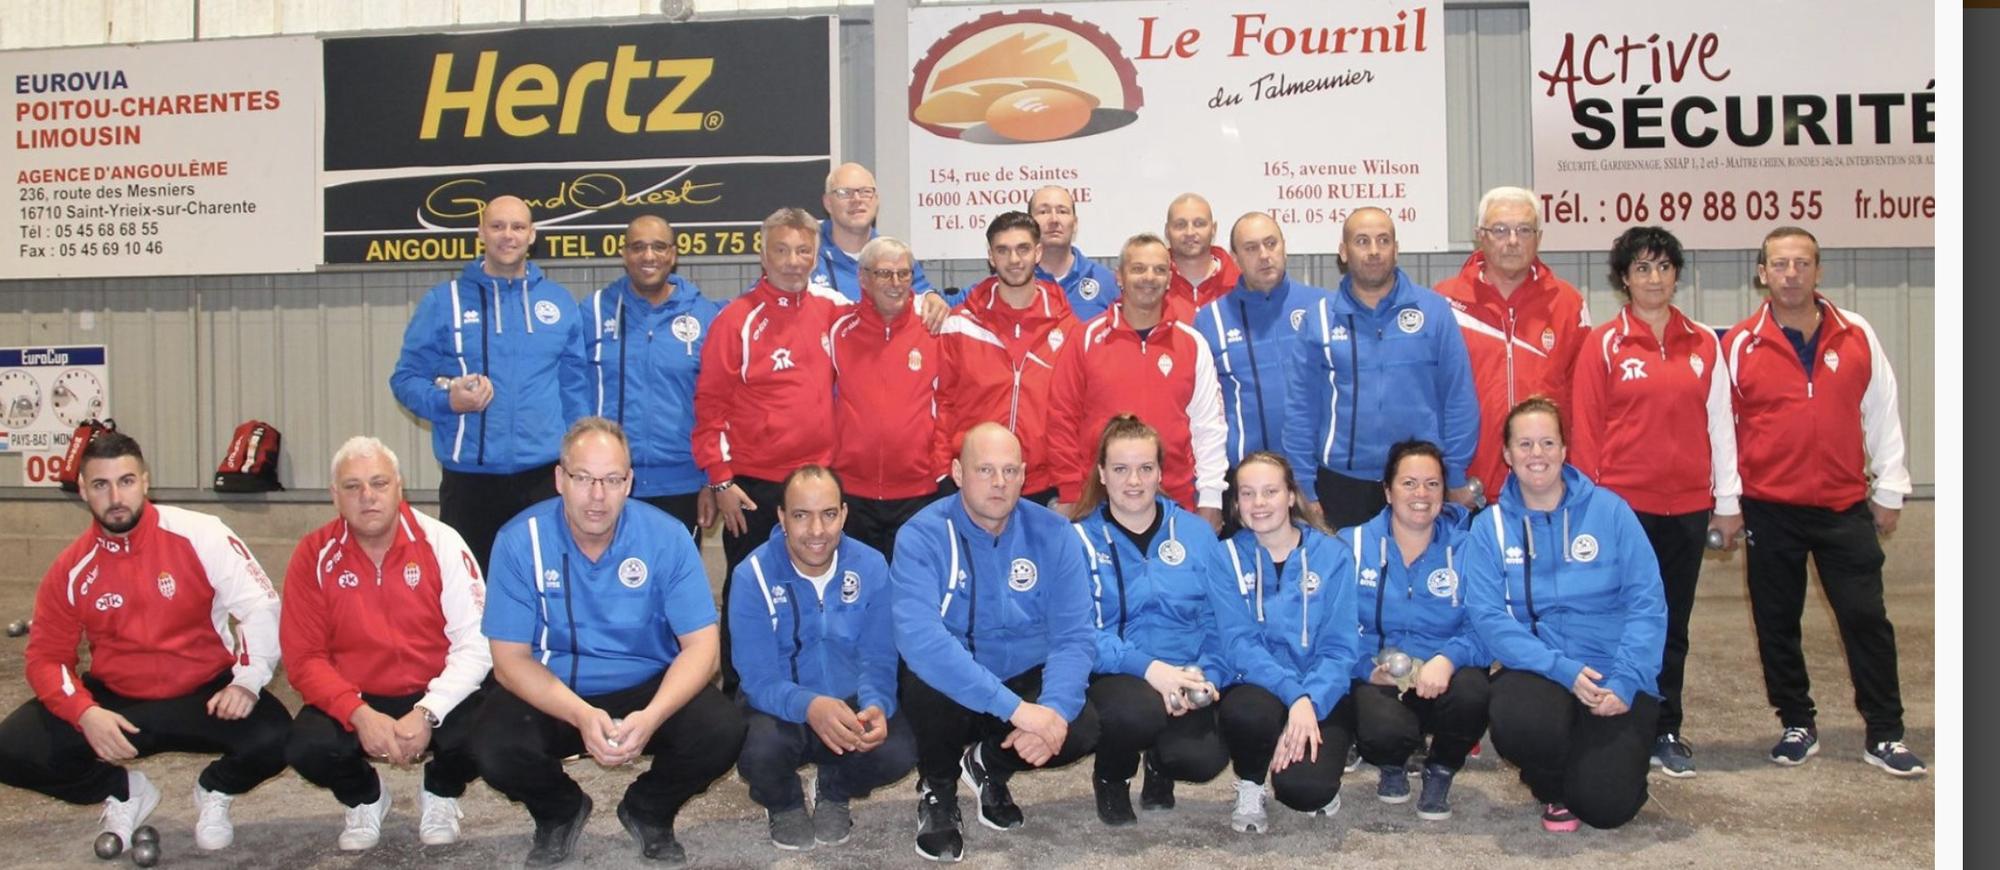 01-12-2019: LES CAILLOUX EINDIGT ALS 5e VAN EUROPA